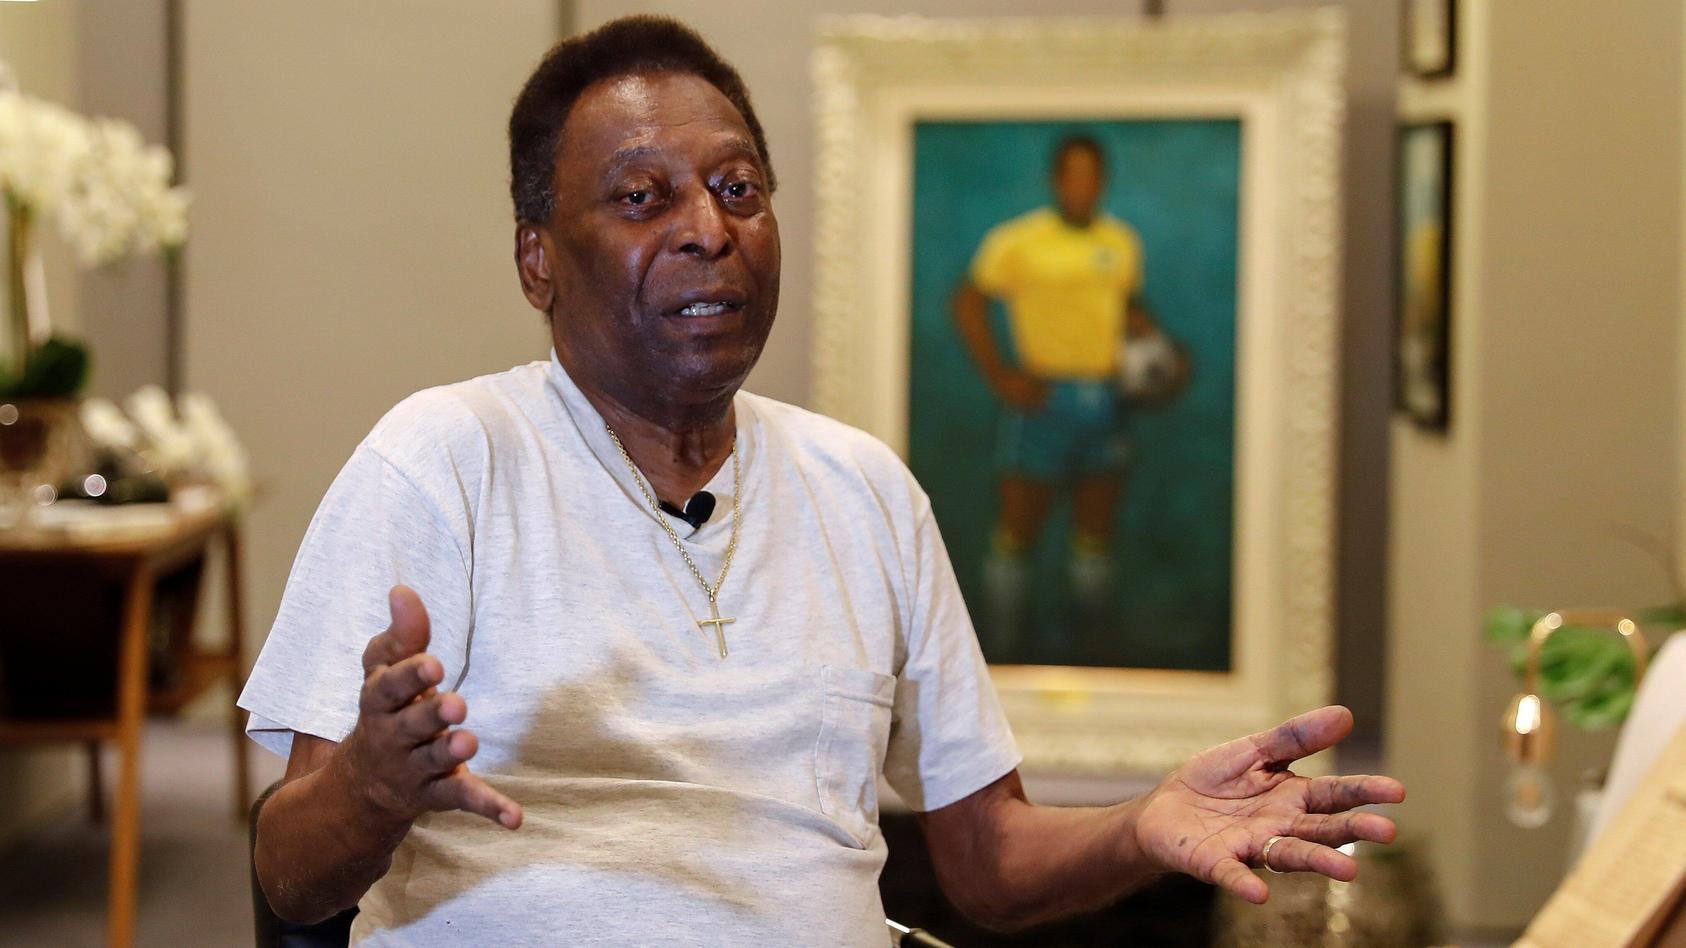 Für viele der größte Fußballer alle Zeiten: Pelé.